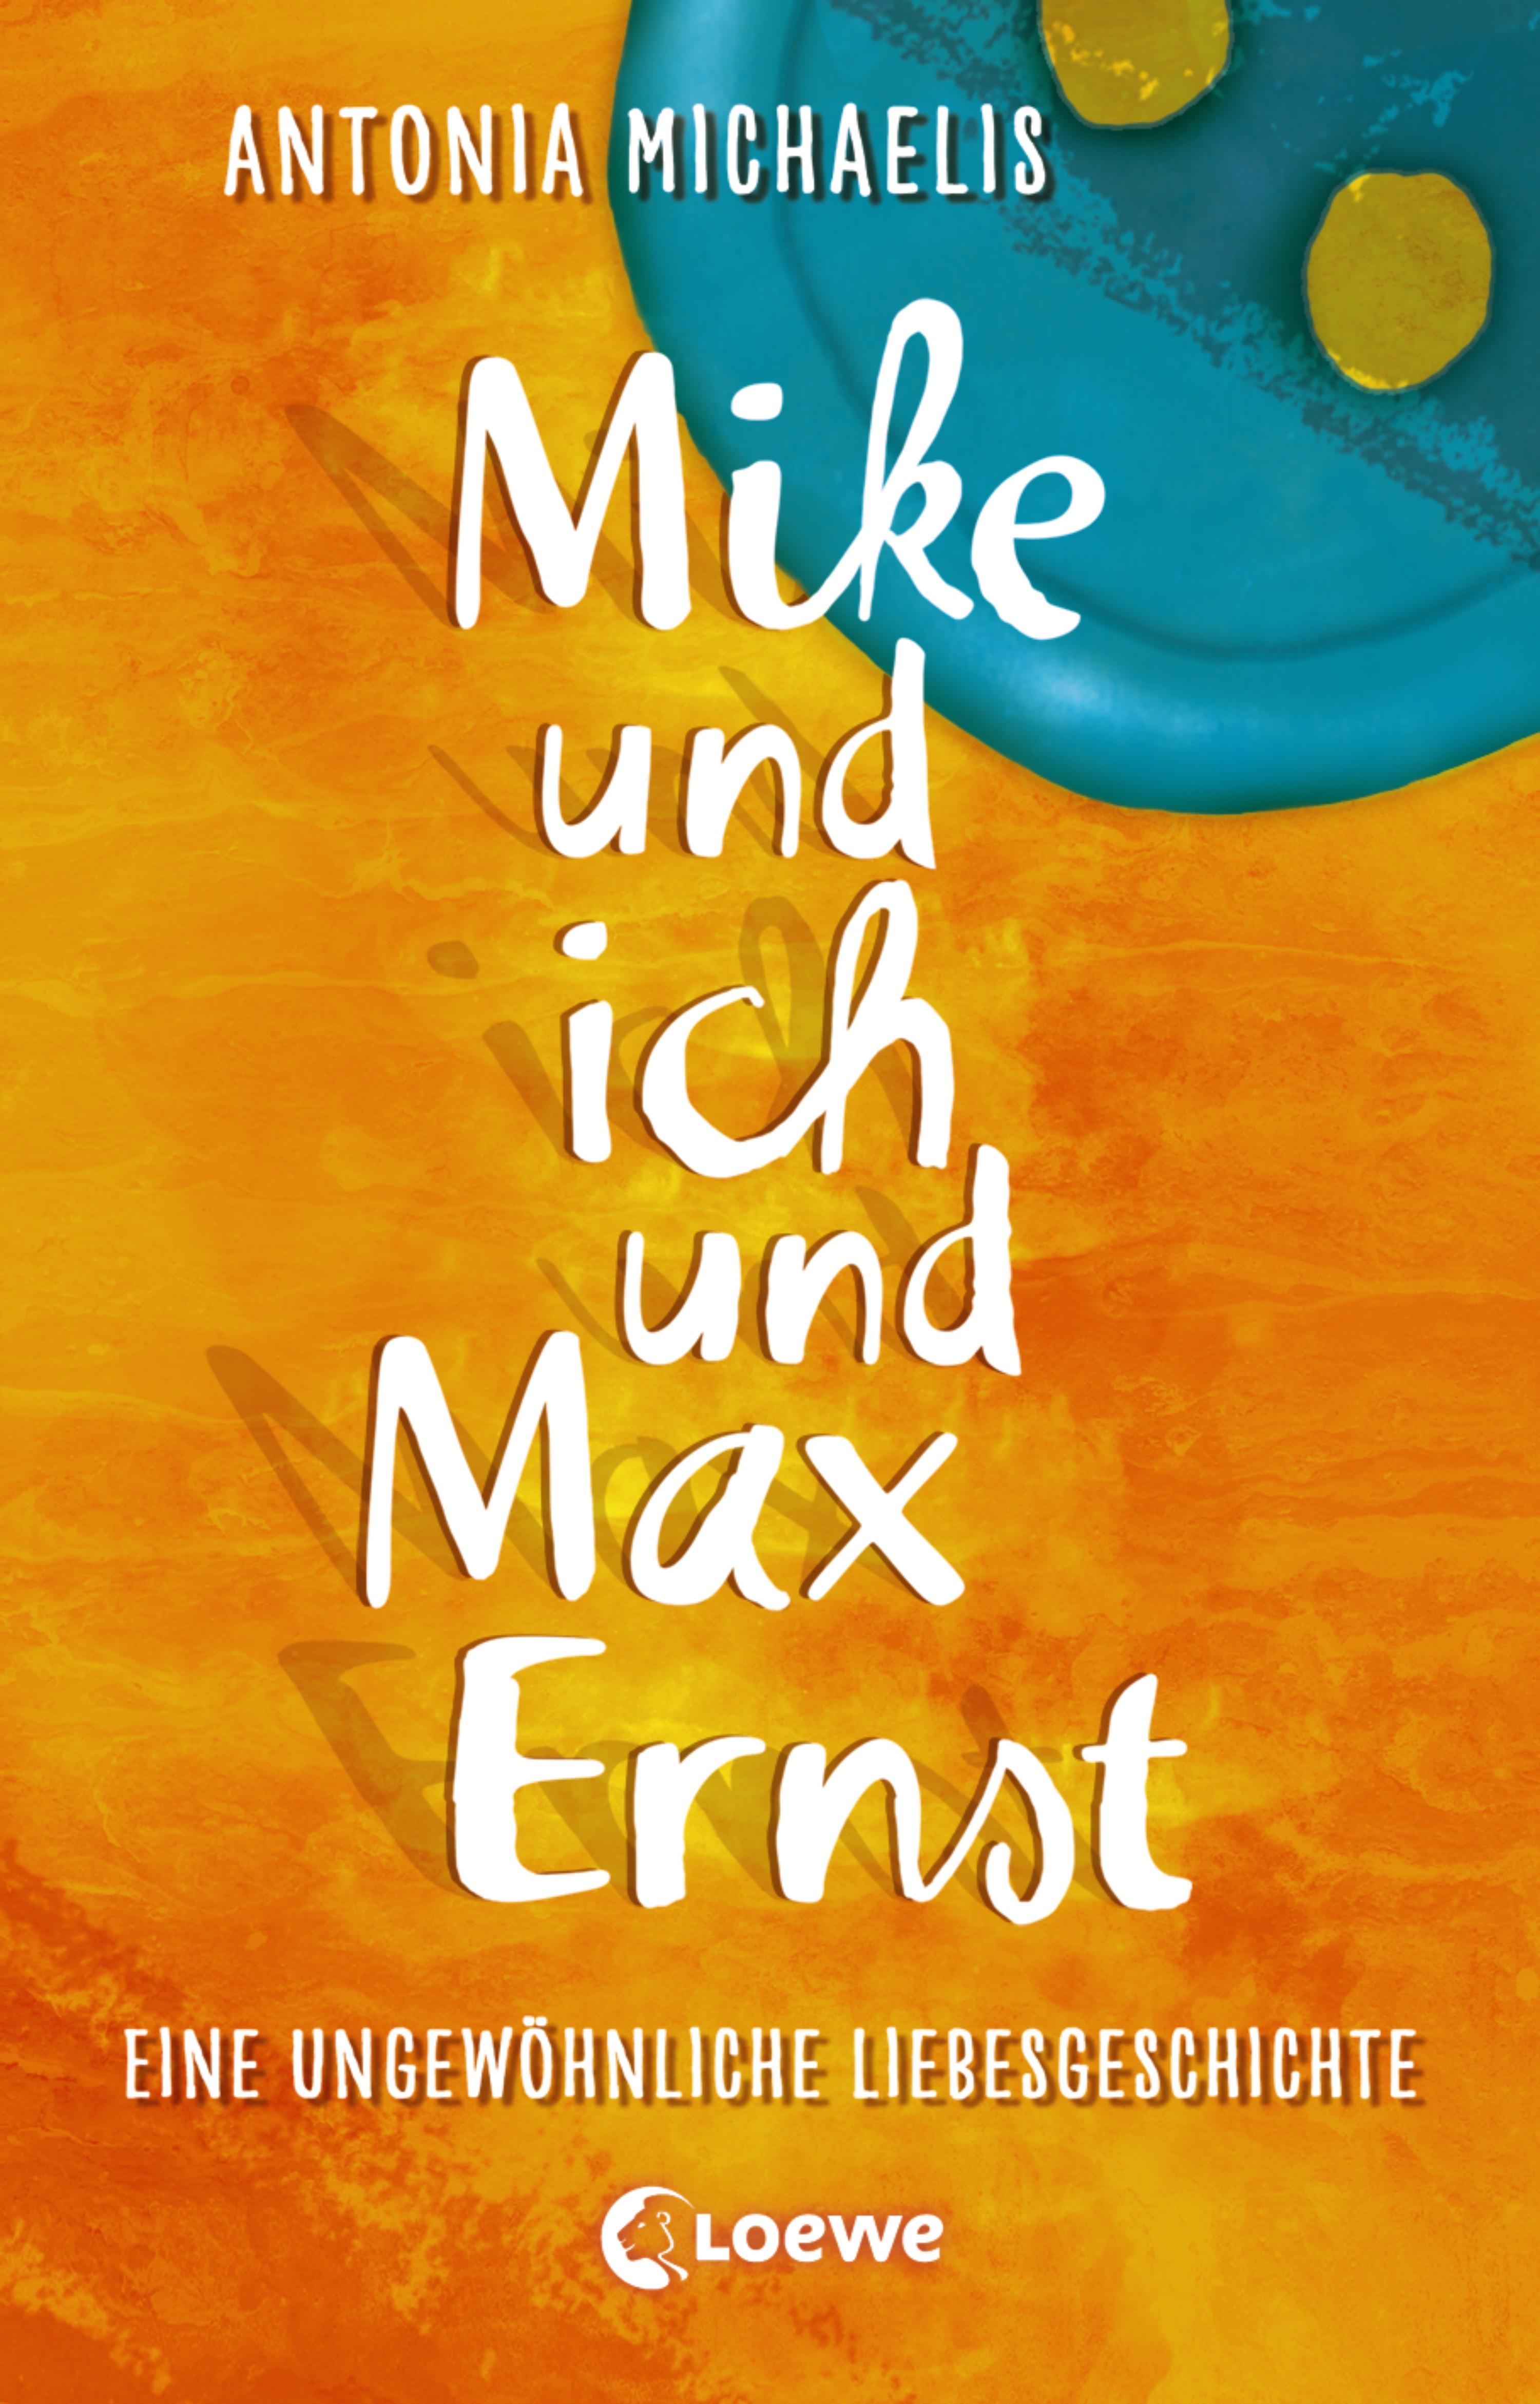 Antonia Michaelis Mike und ich und Max Ernst